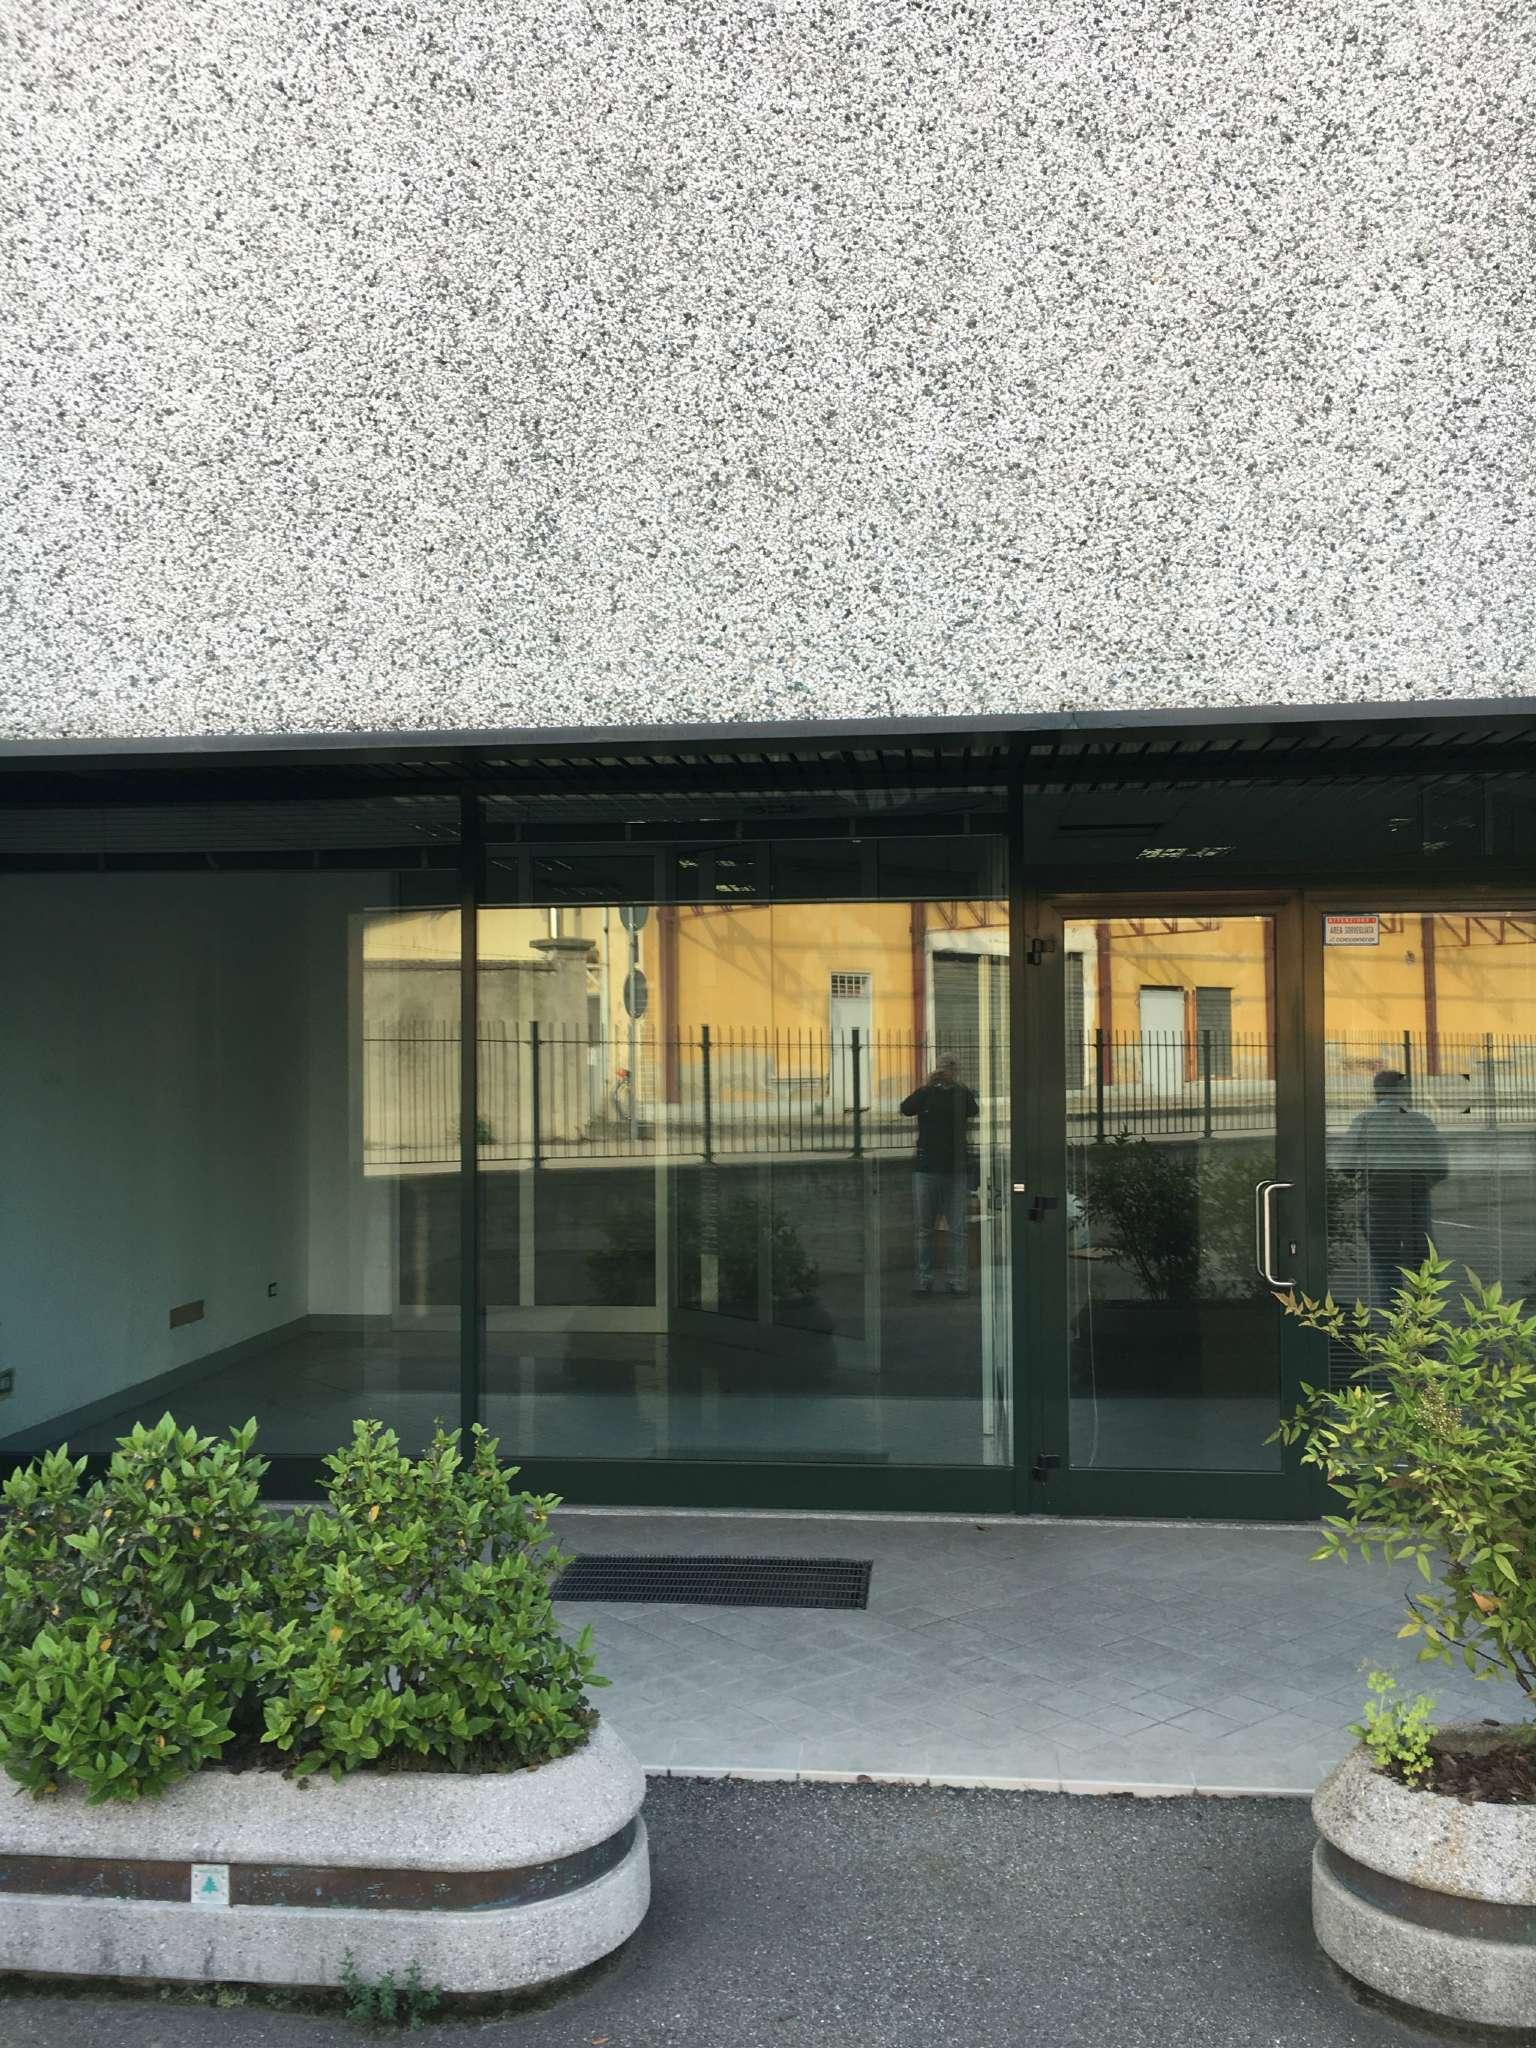 Immagine immobiliare CAMBIANO LOCALE COMMERCIALE 130 MQ  Disponiamo di un bellissimo locale commerciale in Cambiano da 130 mq circa con ampio parcheggio di fronte. Il locale è composto all'ingresso da 4 minibox con parete a vetrata, utile per area...